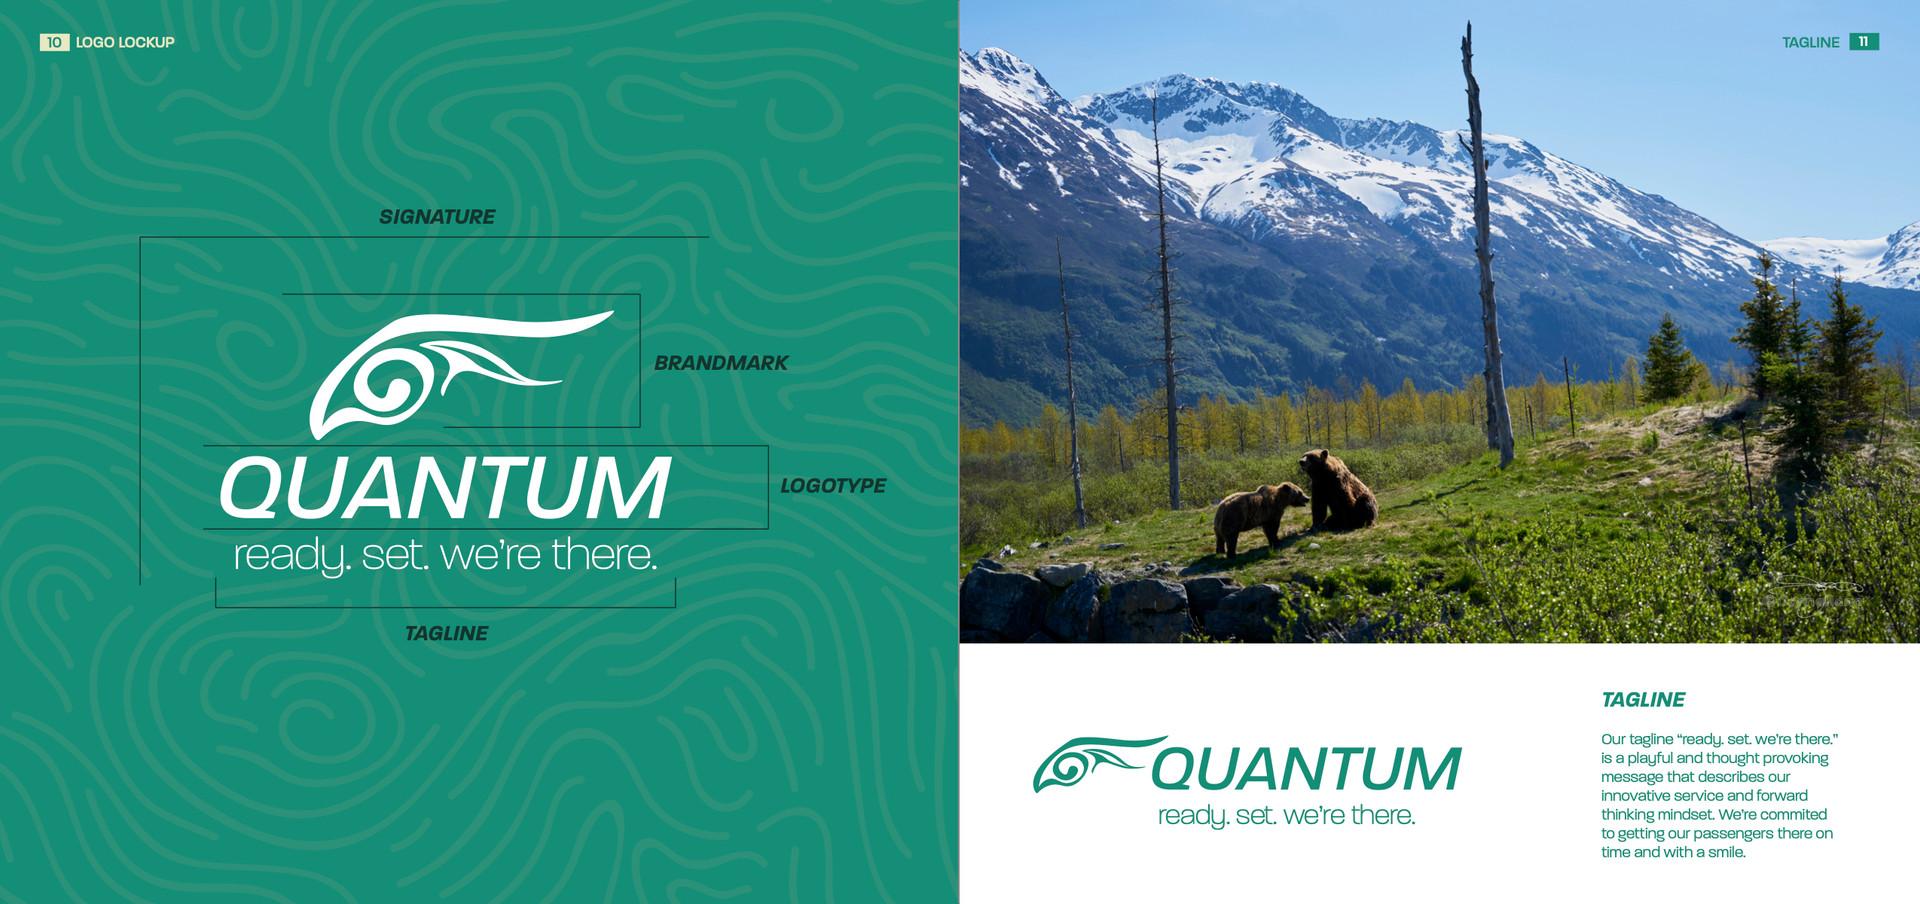 QUANTUM-branding-manual-10-11.jpg